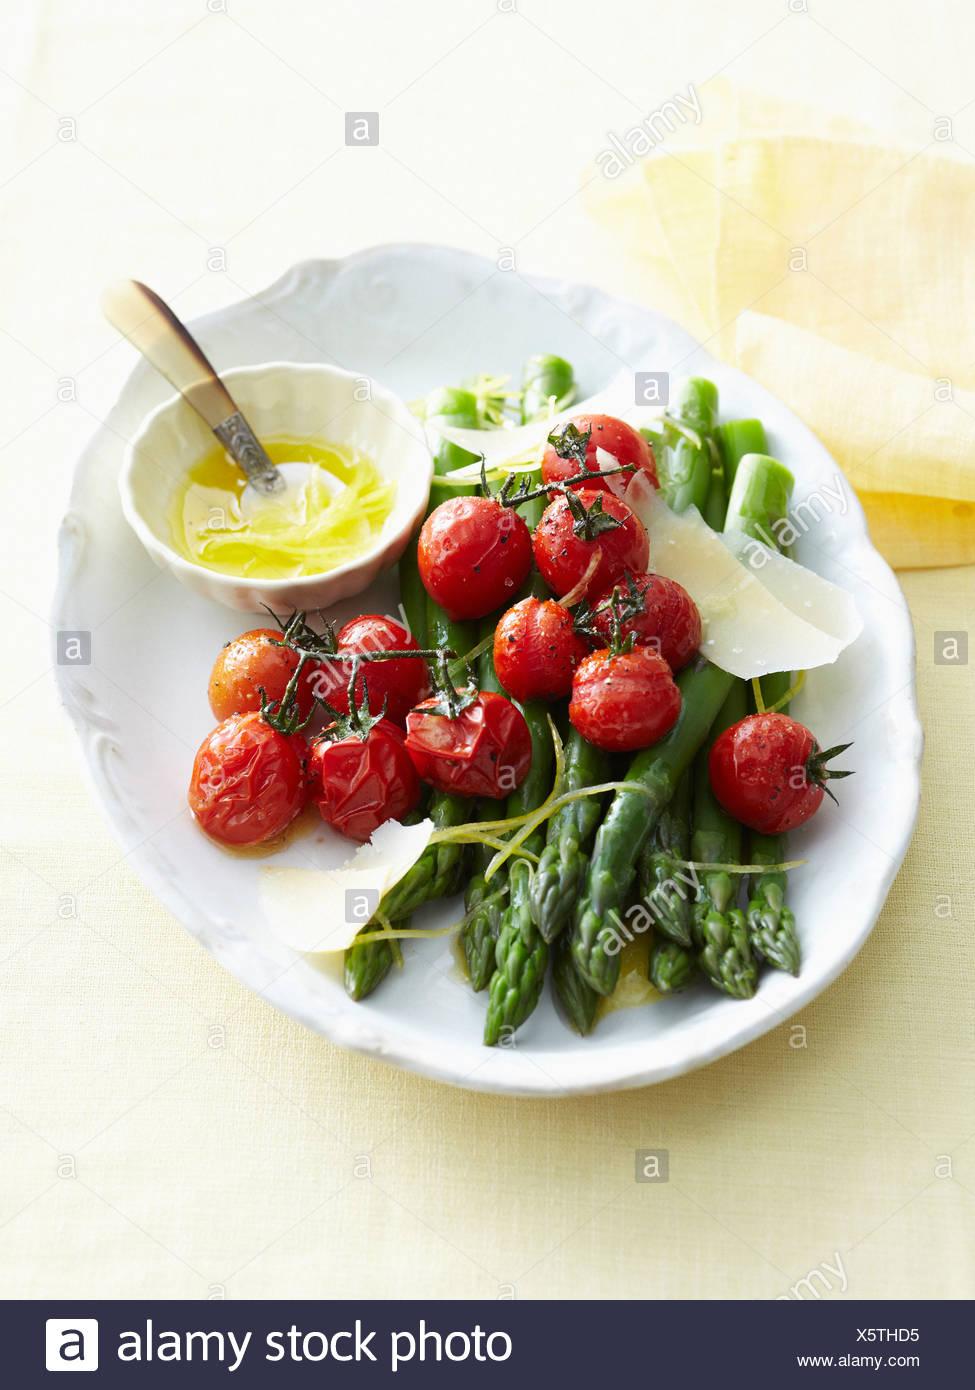 Teller mit gebratenem Gemüse und butter Stockfoto